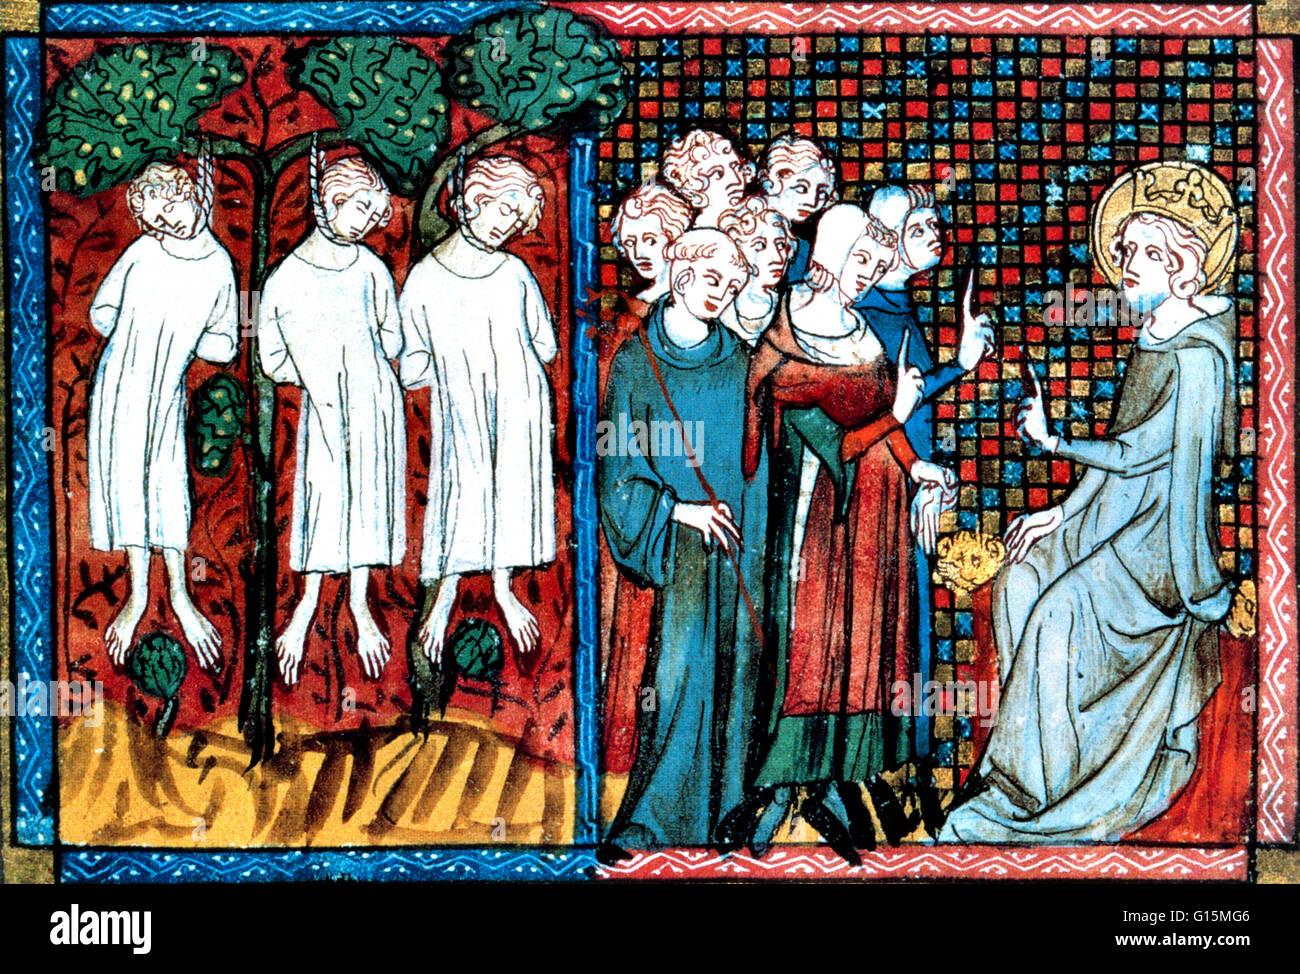 El rey Luis IX de Francia pasa sentencia cuando el abad de San Nicolás-au-Bois acusa a un caballero (Enguerrand De Coucy) indebidamente colgando tres hombres jóvenes. A partir de una ilustración francesa de 1330. Luis IX (25 de abril de 1214 - 25 de agosto de 1270), comúnmente Saint Lo Foto de stock